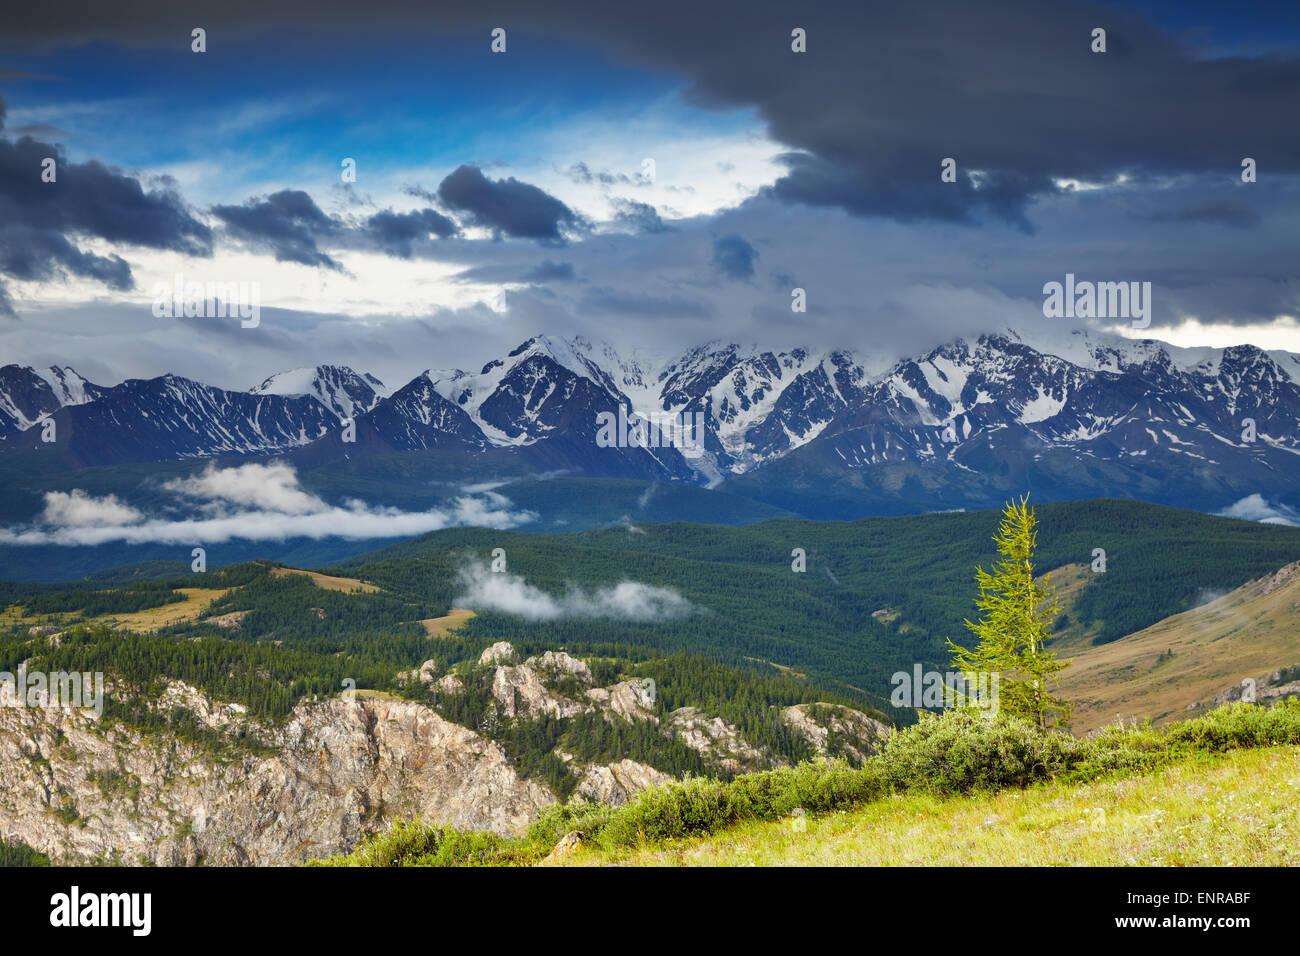 Landschaft mit schneebedeckten Bergen und bewölktem Himmel Stockfoto